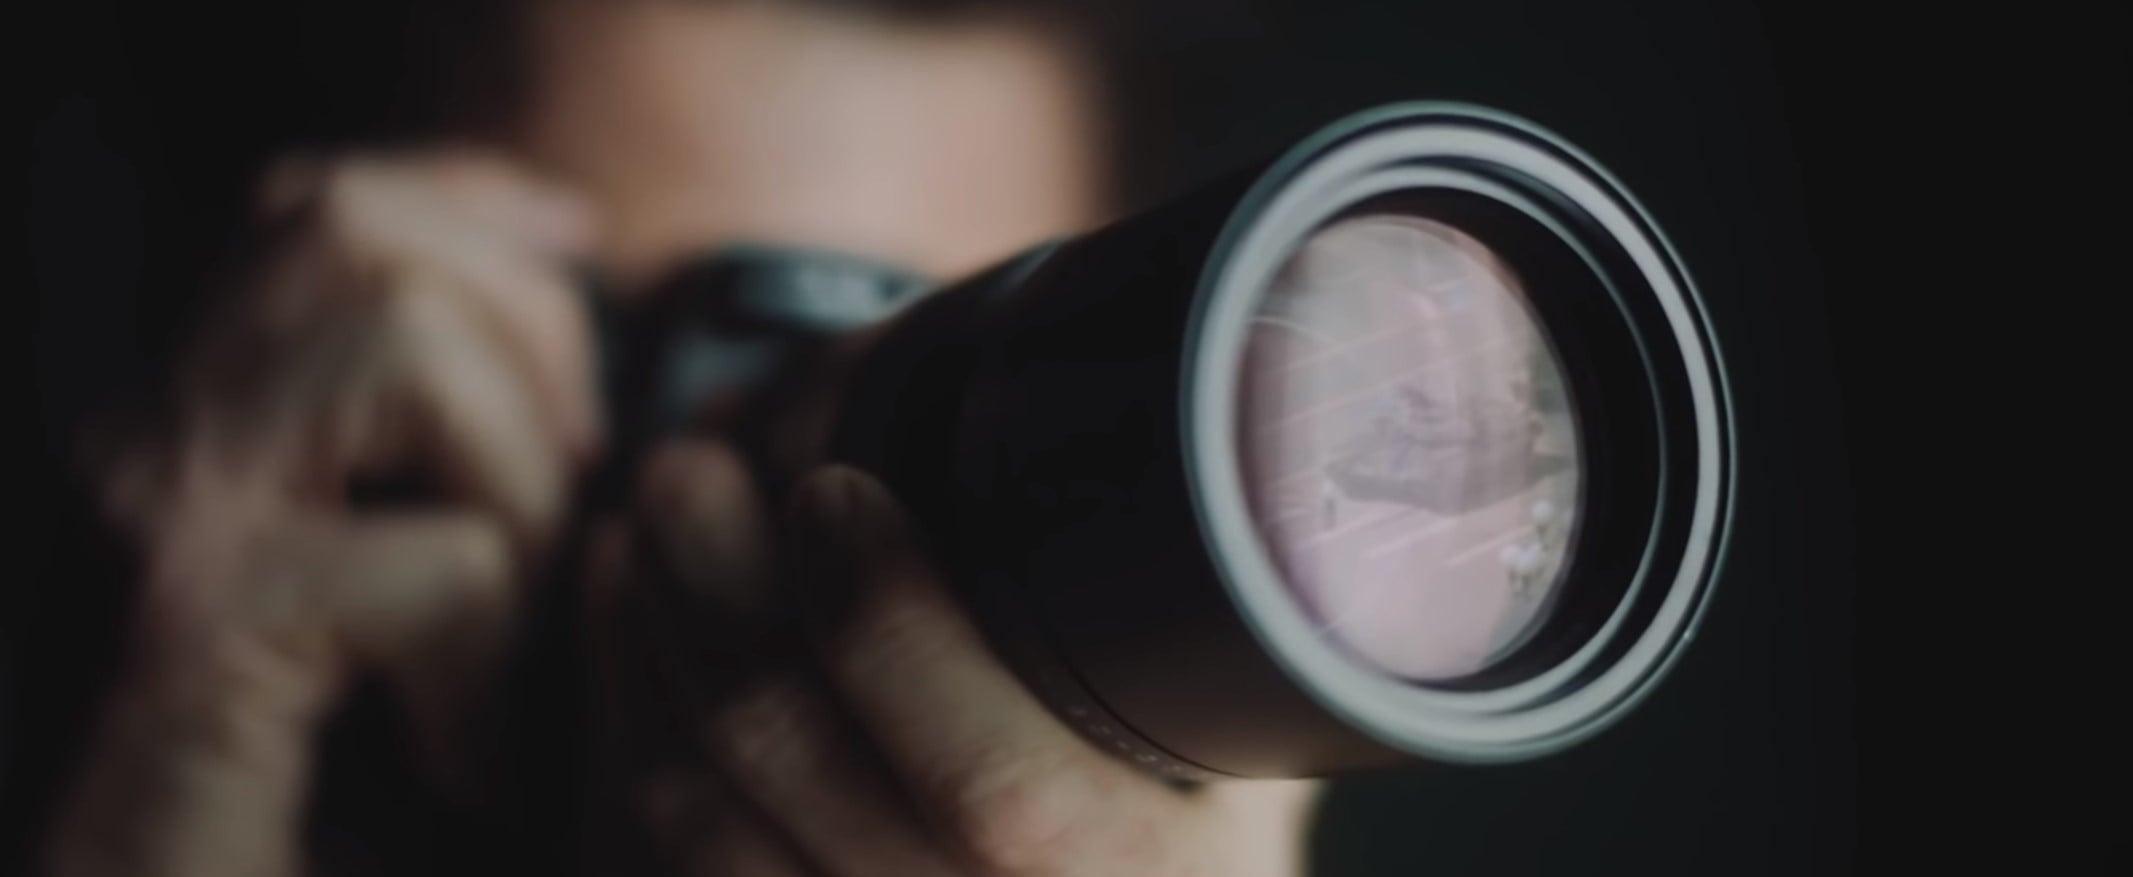 """Poruszająca reklama """"The Hunt"""" firmy Leica została ocenzurowana w Chinach 21"""